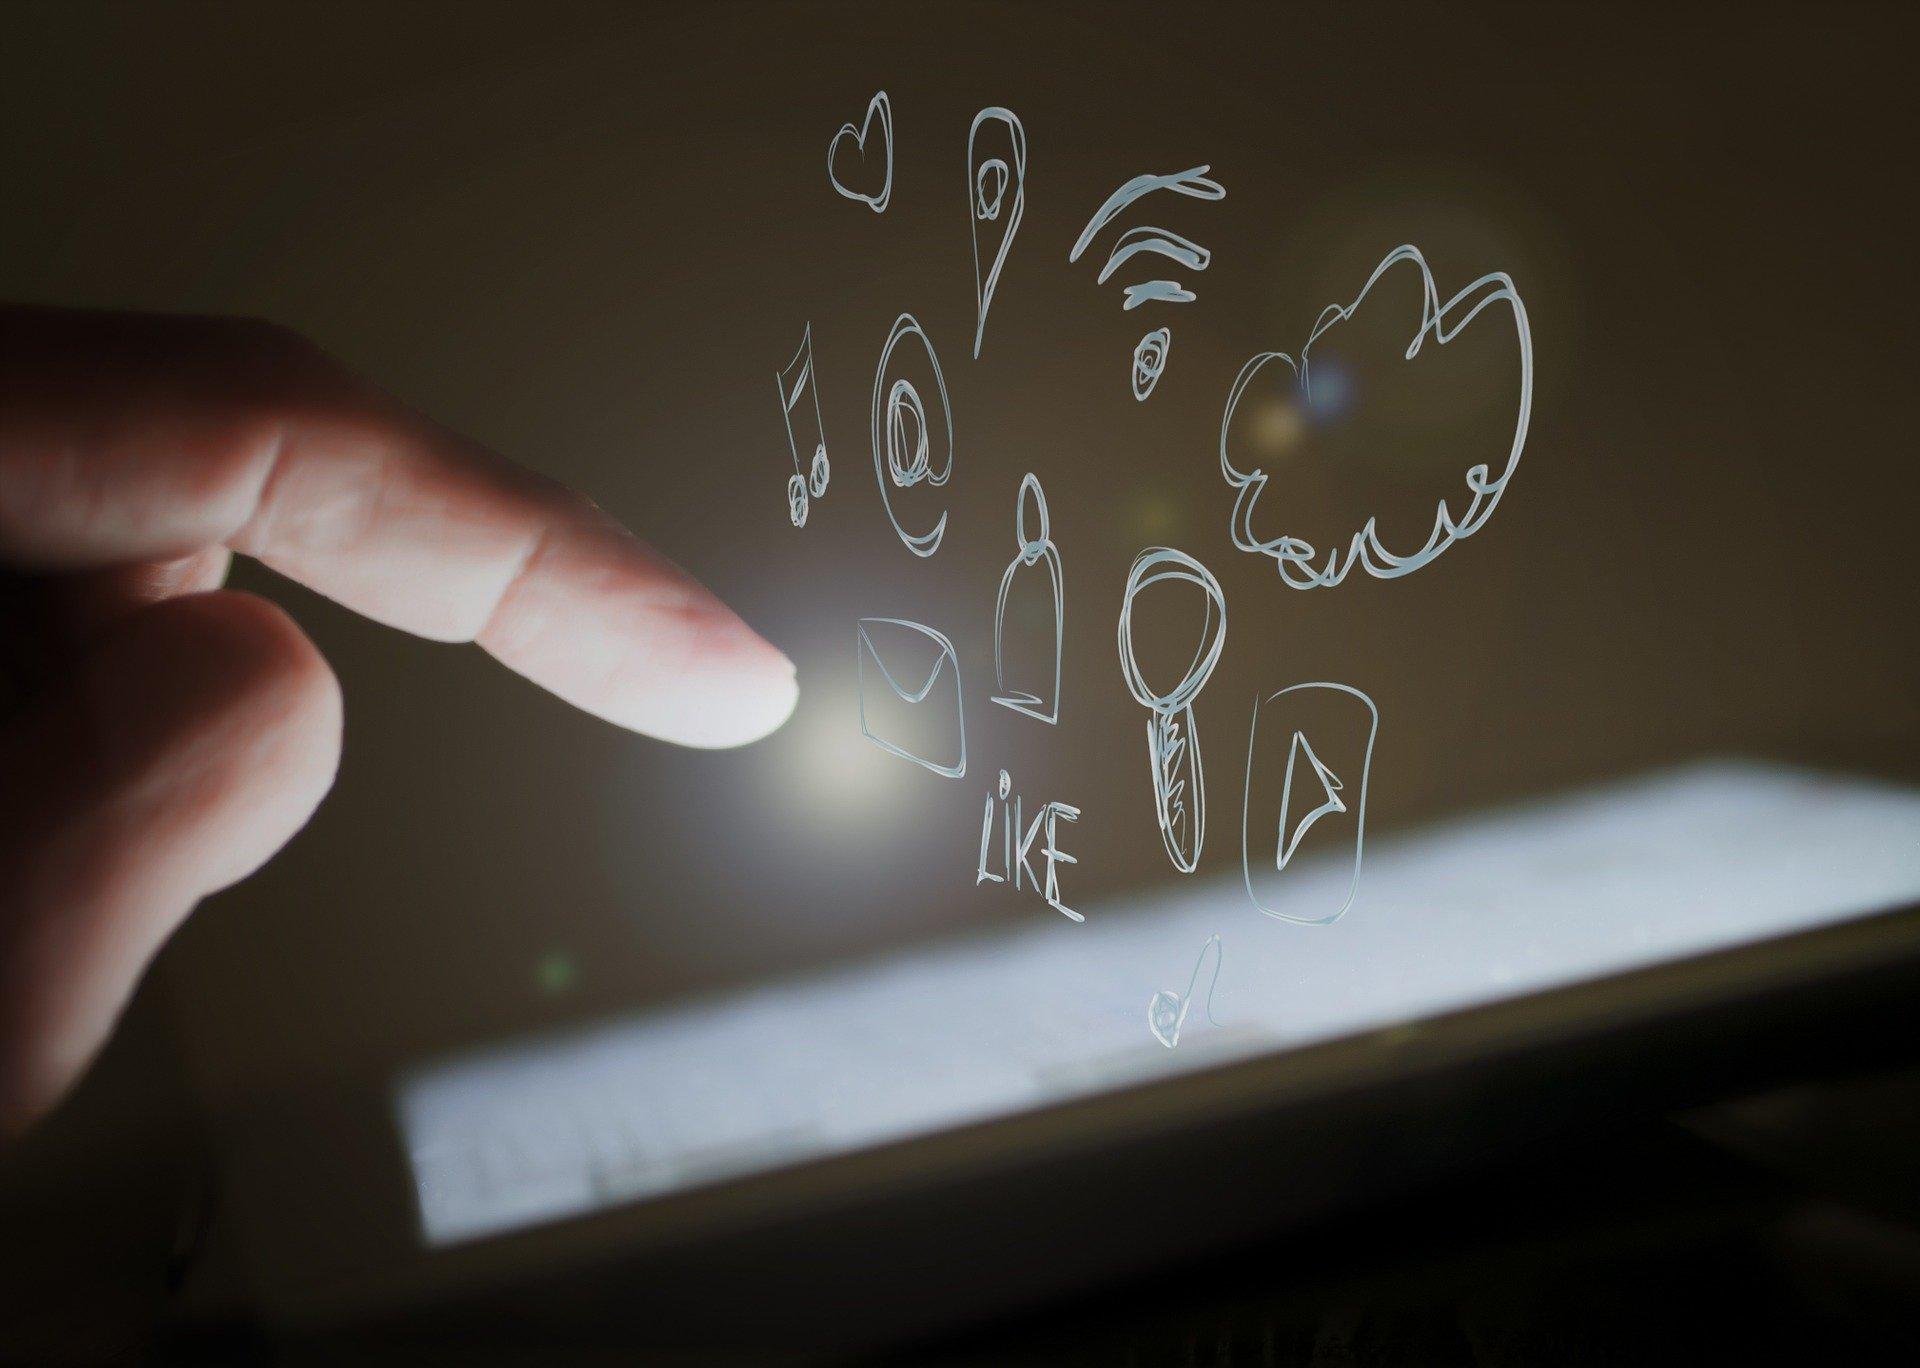 Как продвигать молодой сайт, чтобы он быстрее начал приносить прибыль